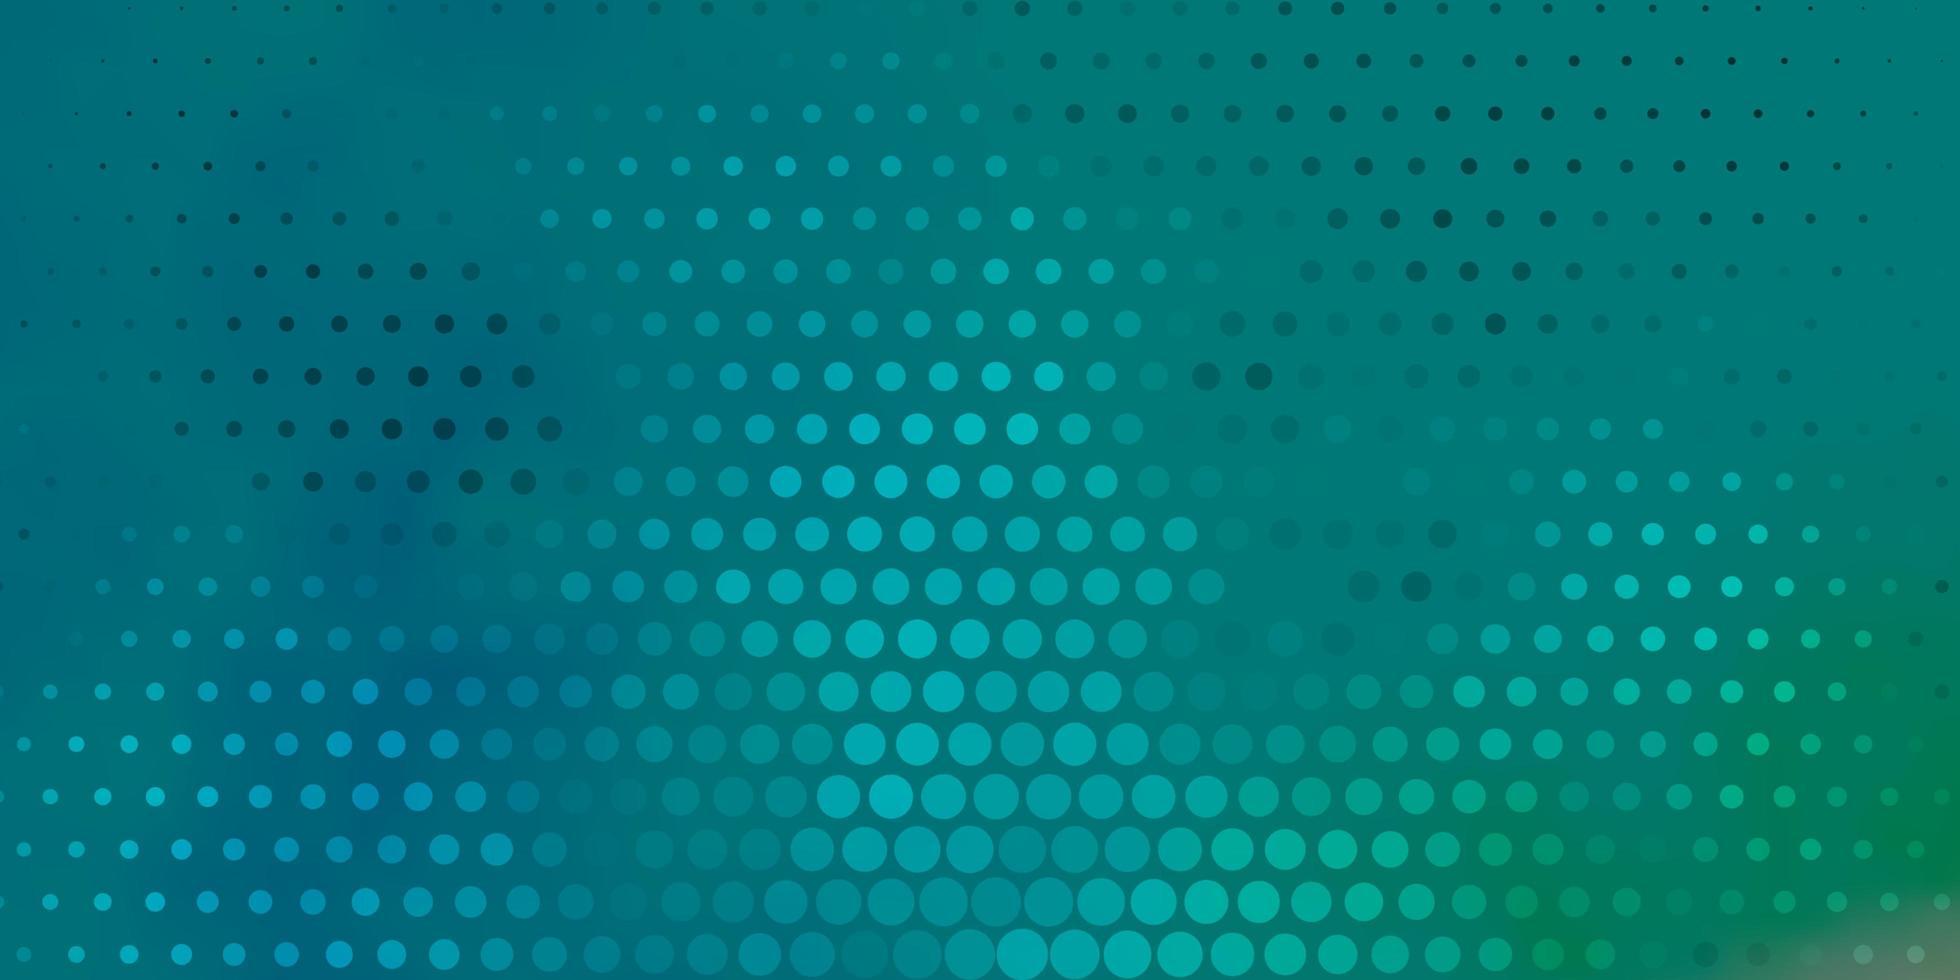 textura de vector azul claro, verde con discos.